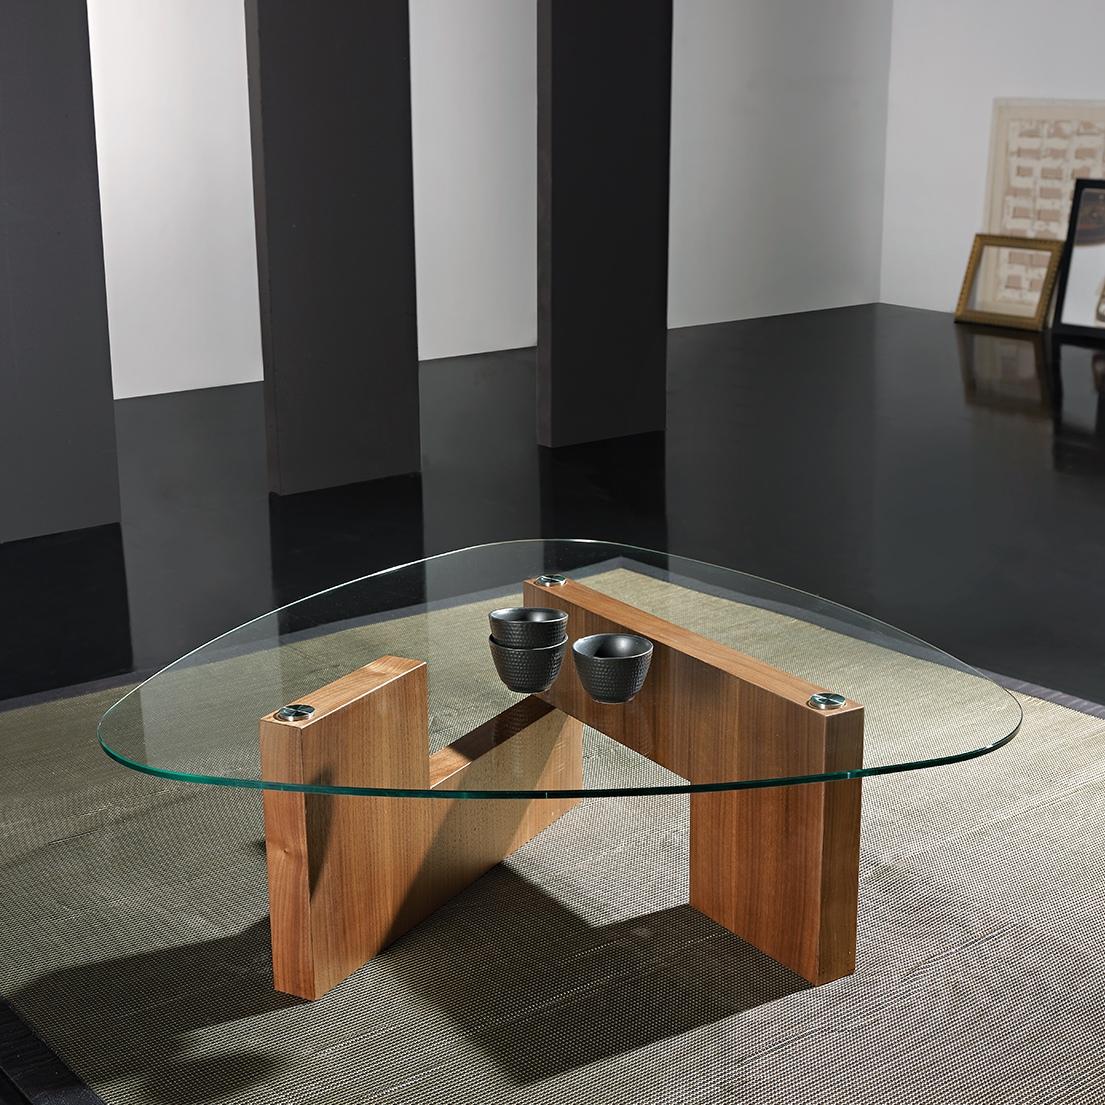 Журнальный столик своими руками из стекла фото